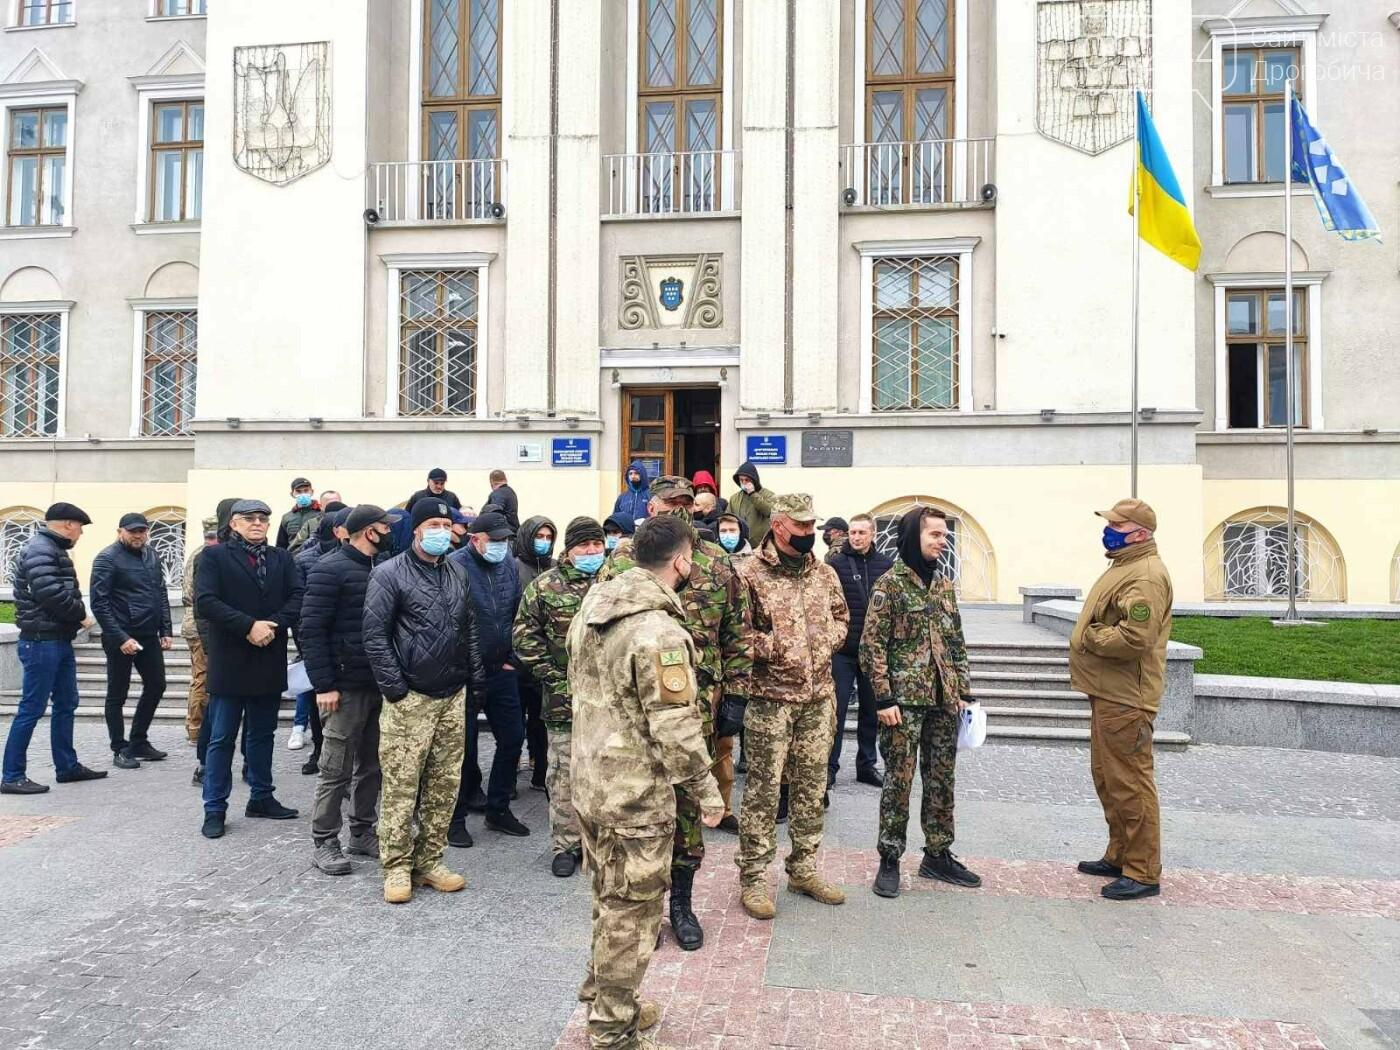 Учасники АТО провели акцію протесту: виступили проти сепаратистських настроїв на Дрогобиччині, фото-5